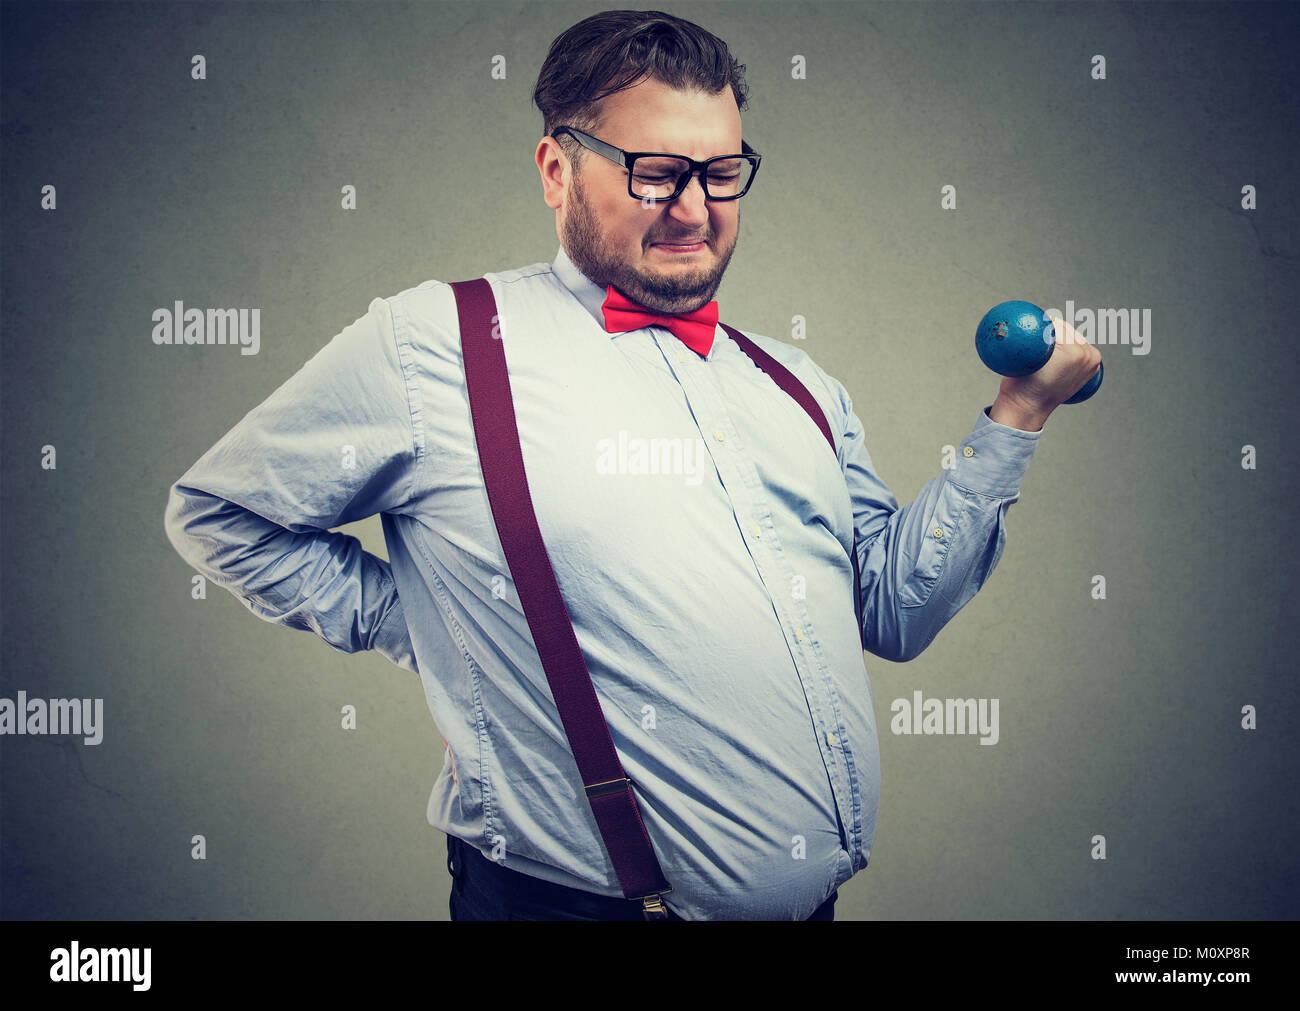 Junge übergewichtige Menschen kraft Hantel mit gerunzelter Stirn zu heben. Stockfoto